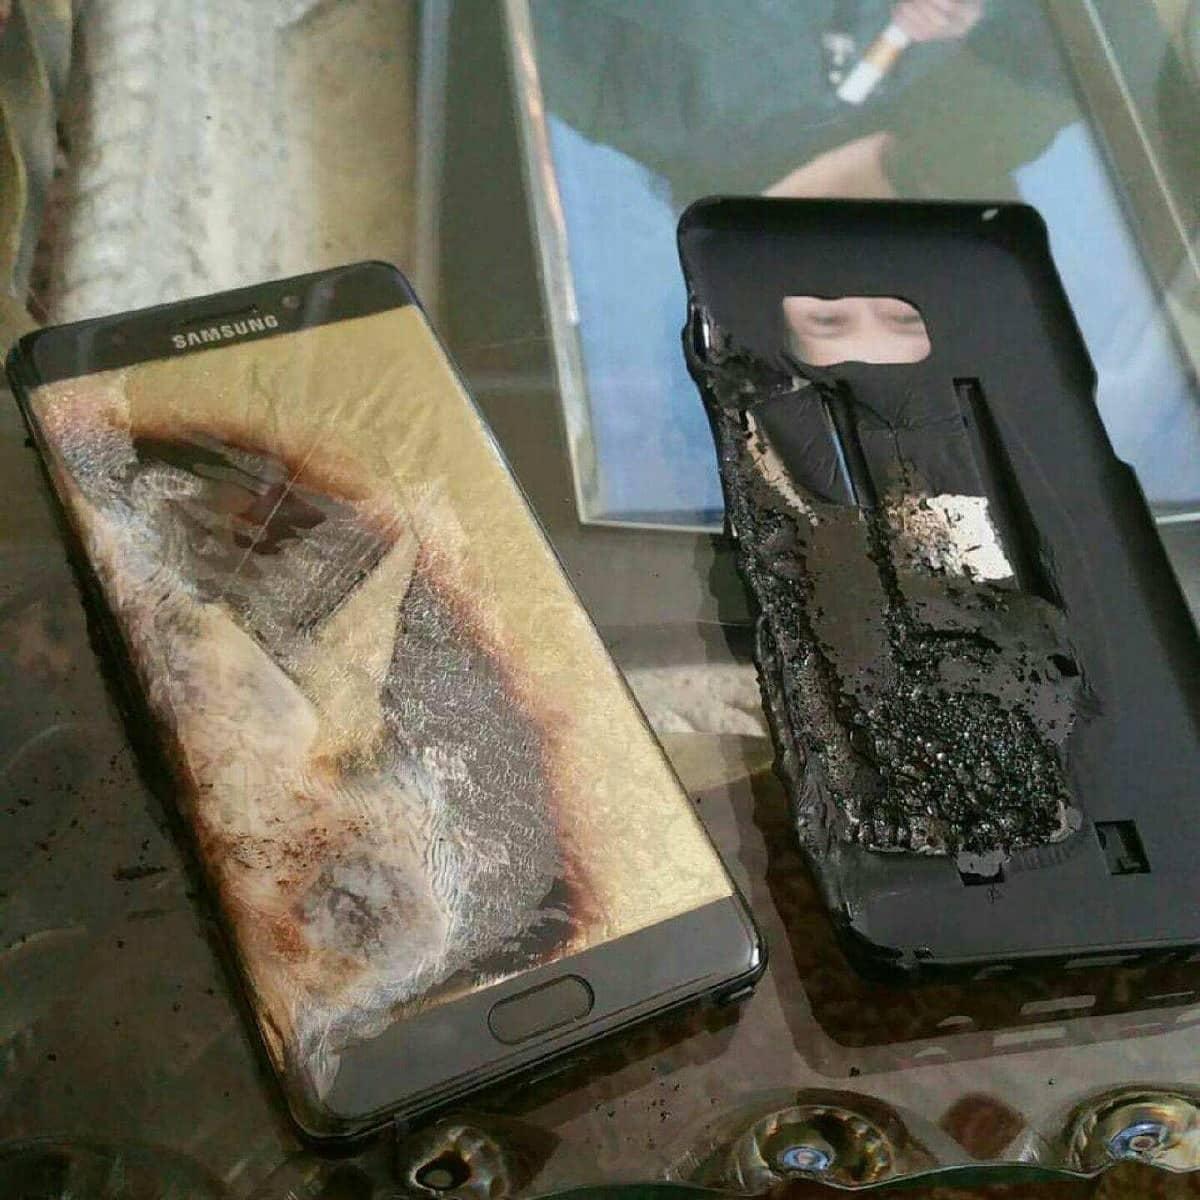 Школьницу убило током от смартфона во время зарядки: подробности, что произошло